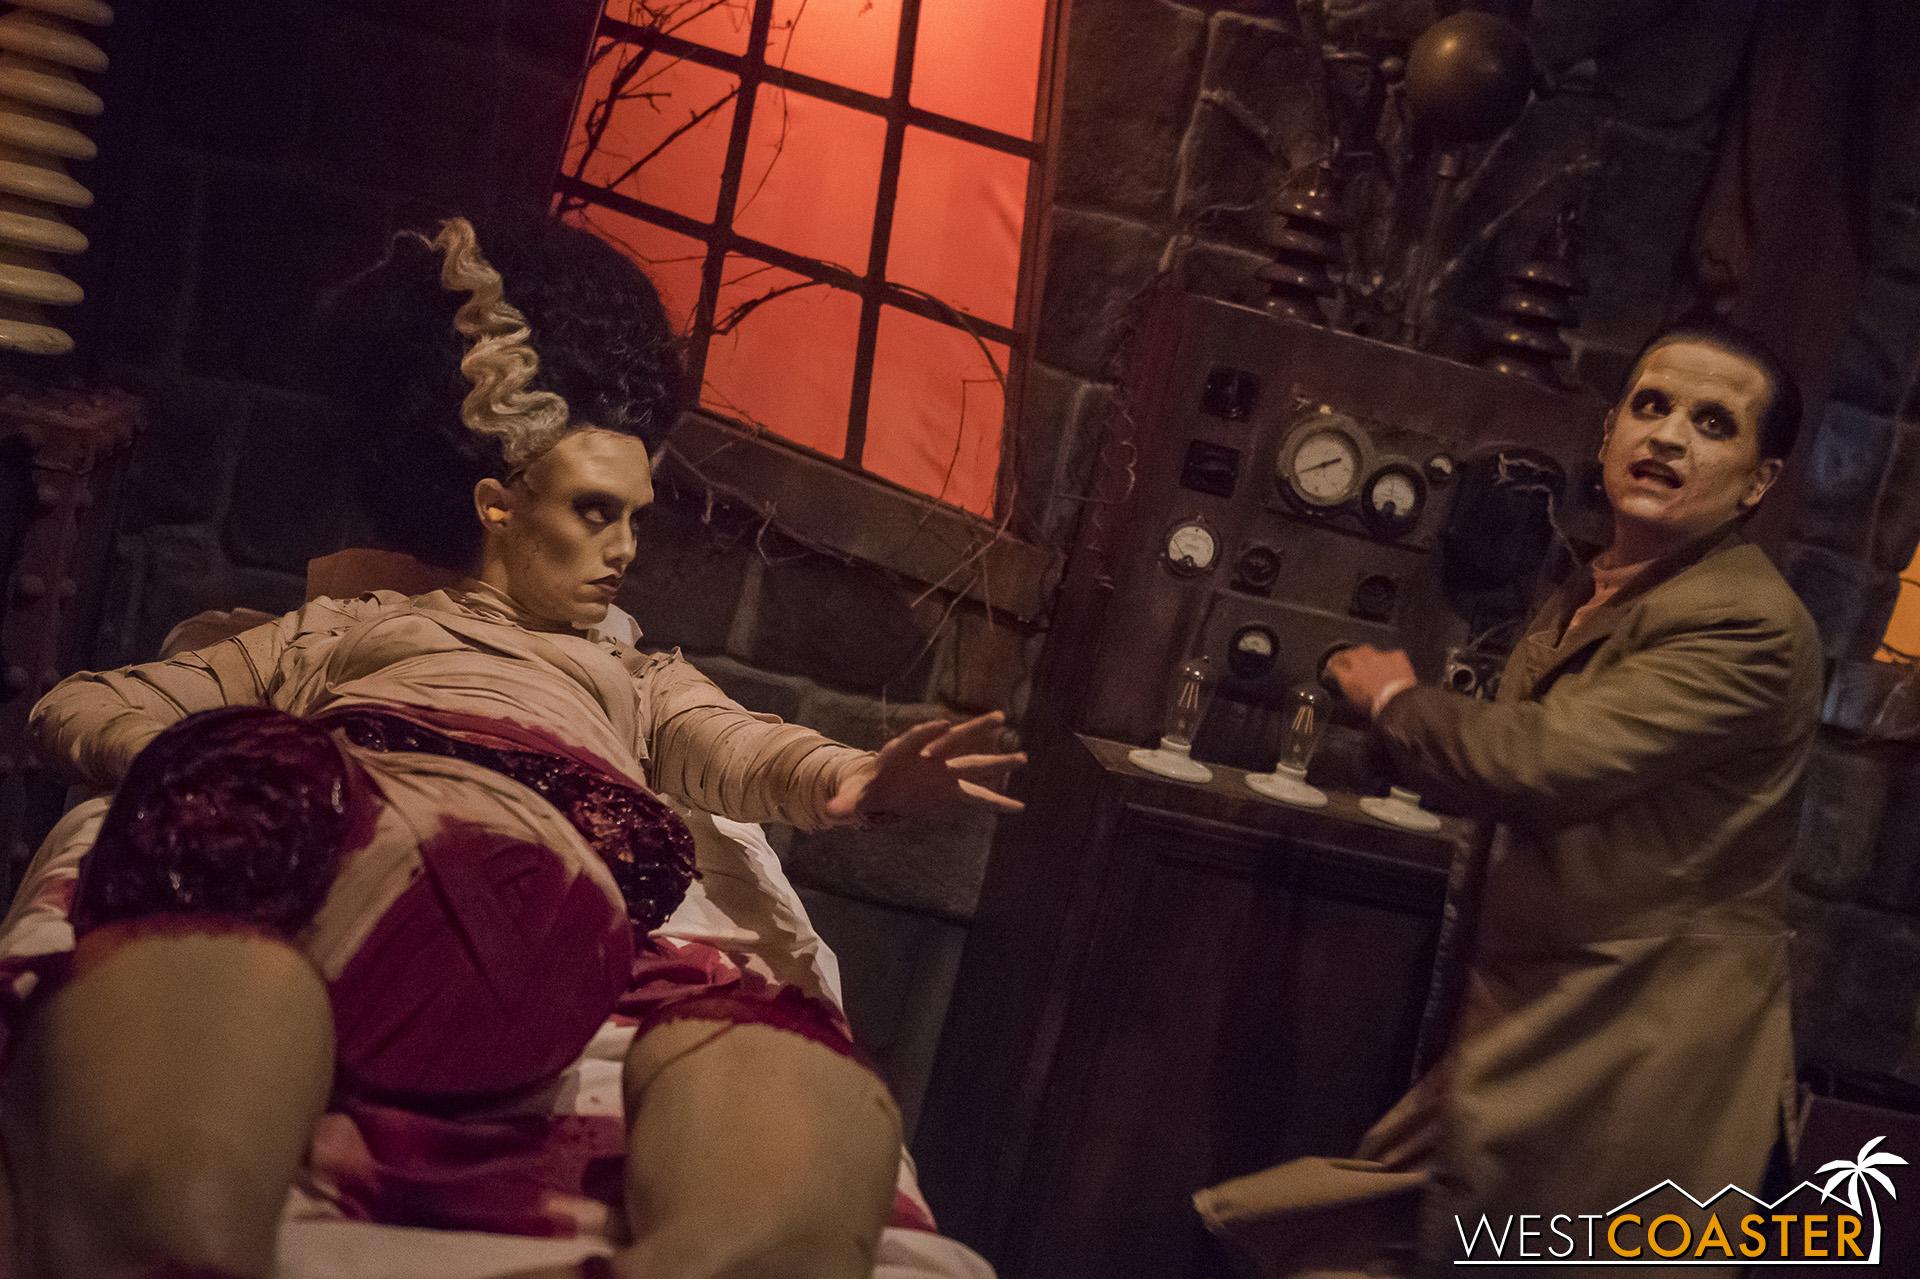 Doctor Frankenstein assembles a Bride for his monster.